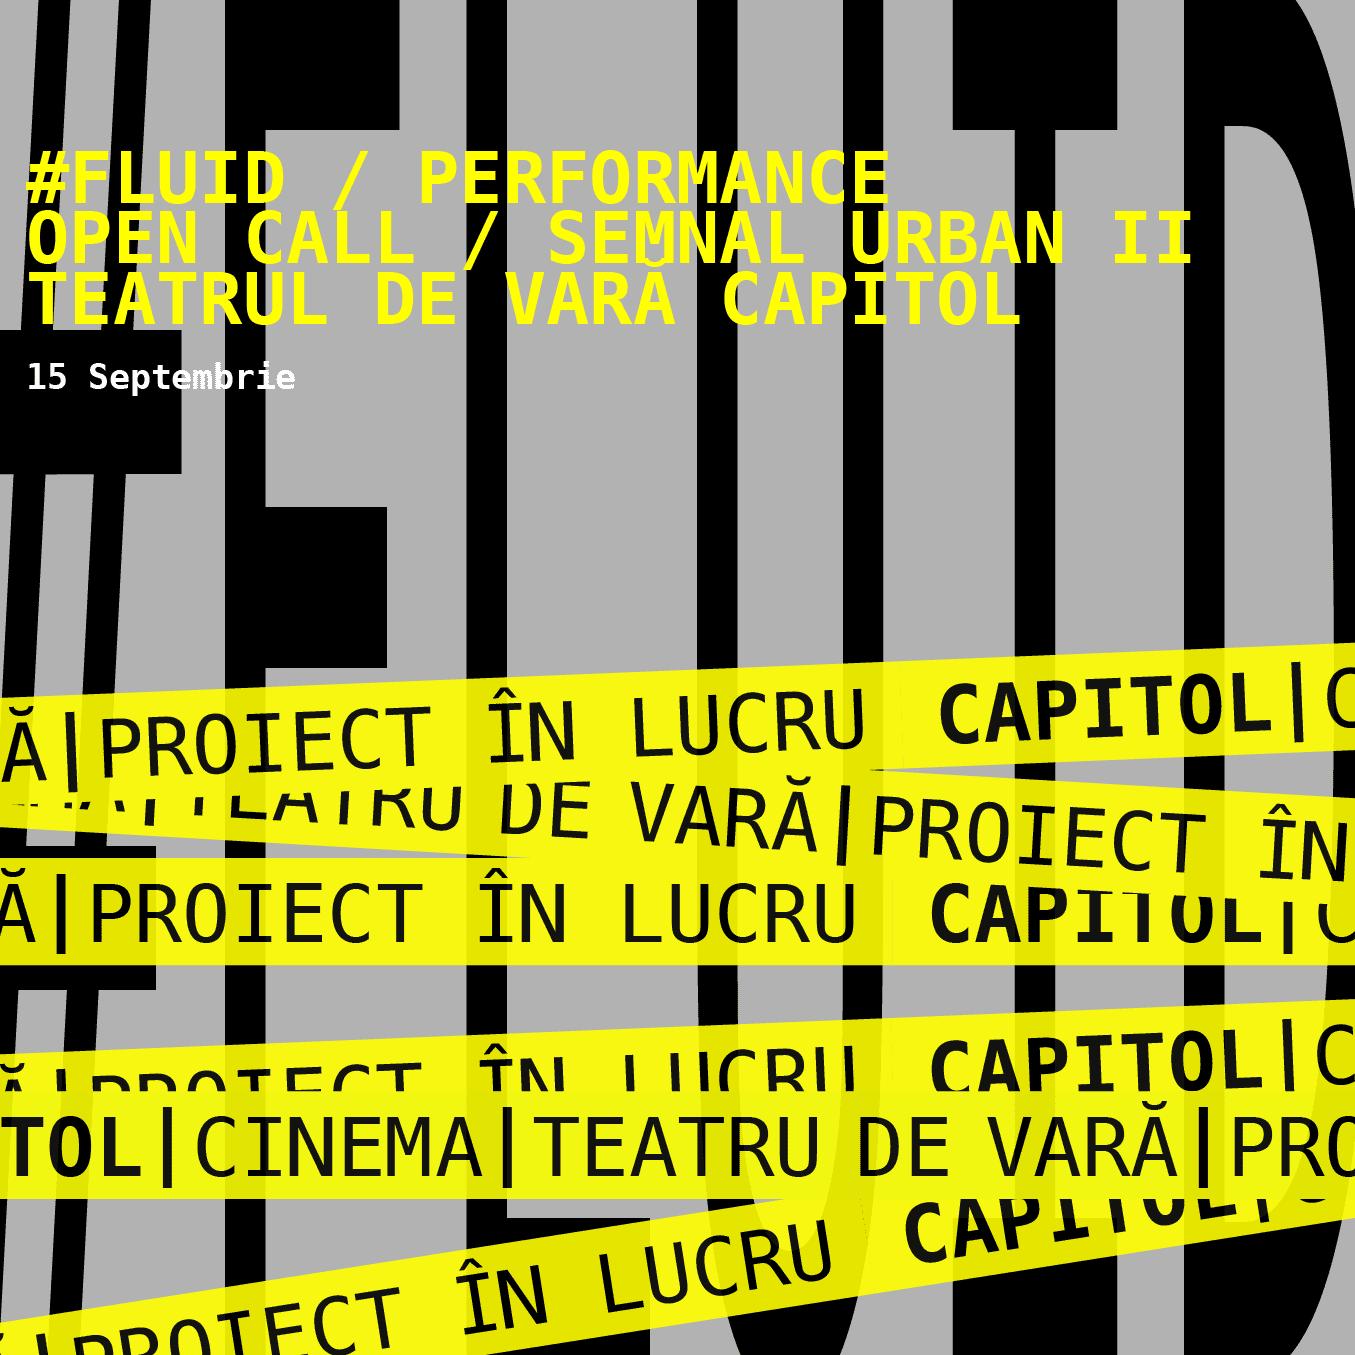 Teatrul de vară CAPITOL #FLUID Open Call